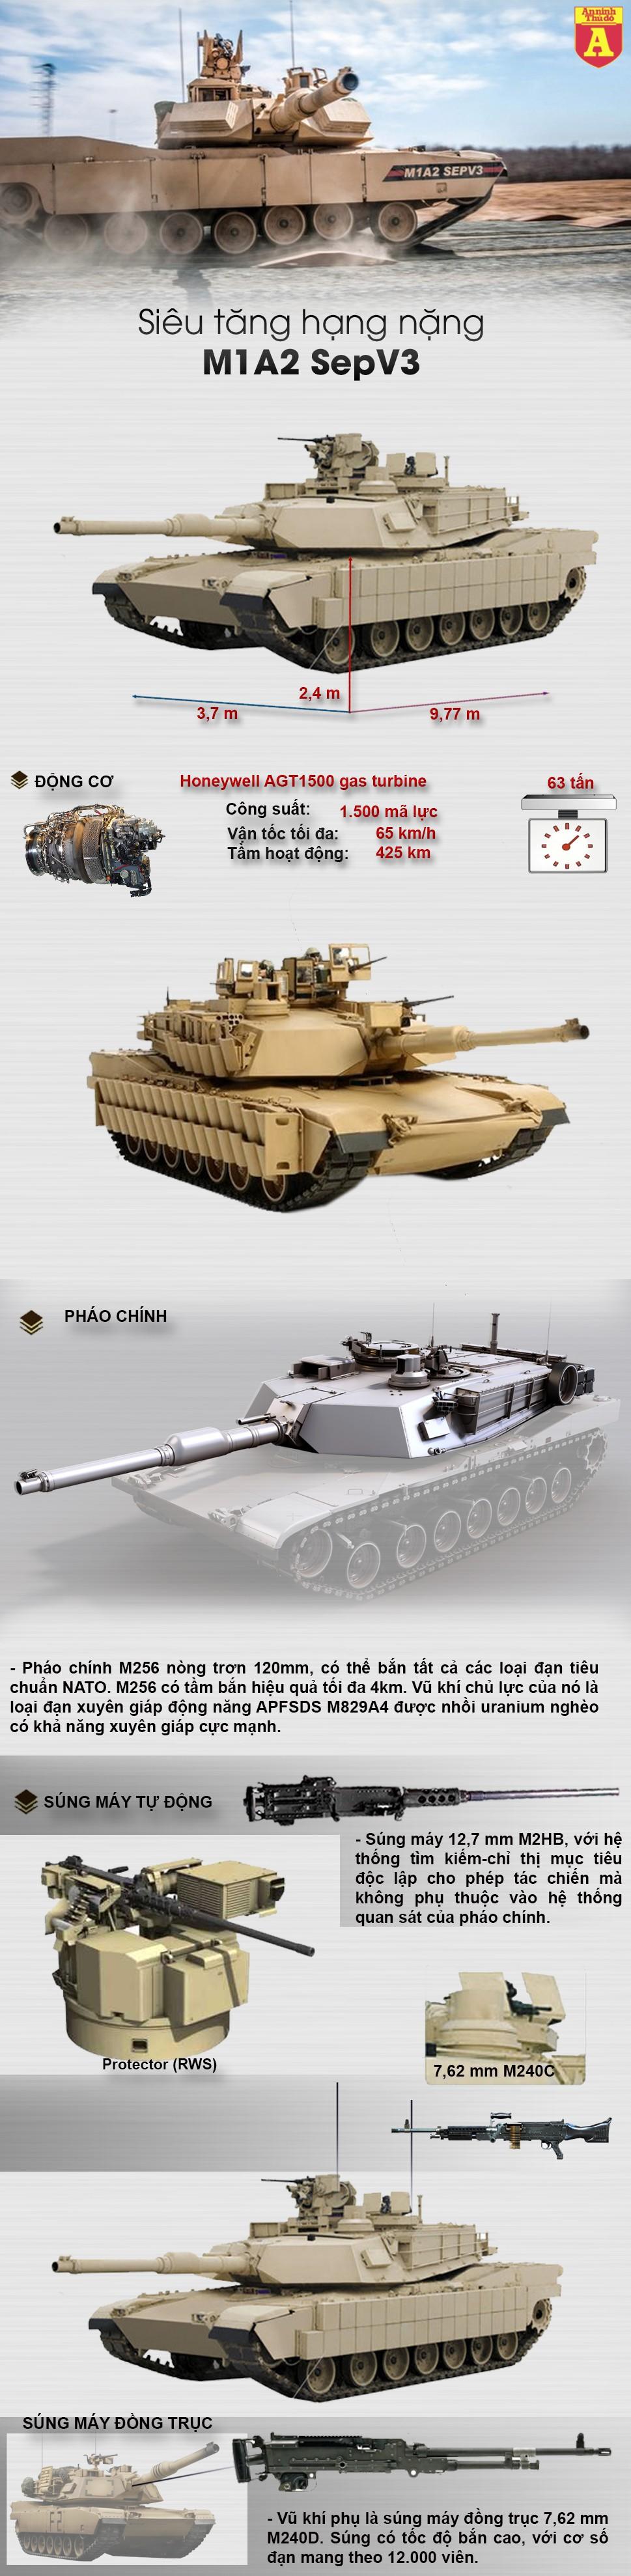 [Infographic] Xuất hiện đối thủ có thể tiêu diệt xe tăng T-14 Armata Nga chỉ bằng một phát bắn